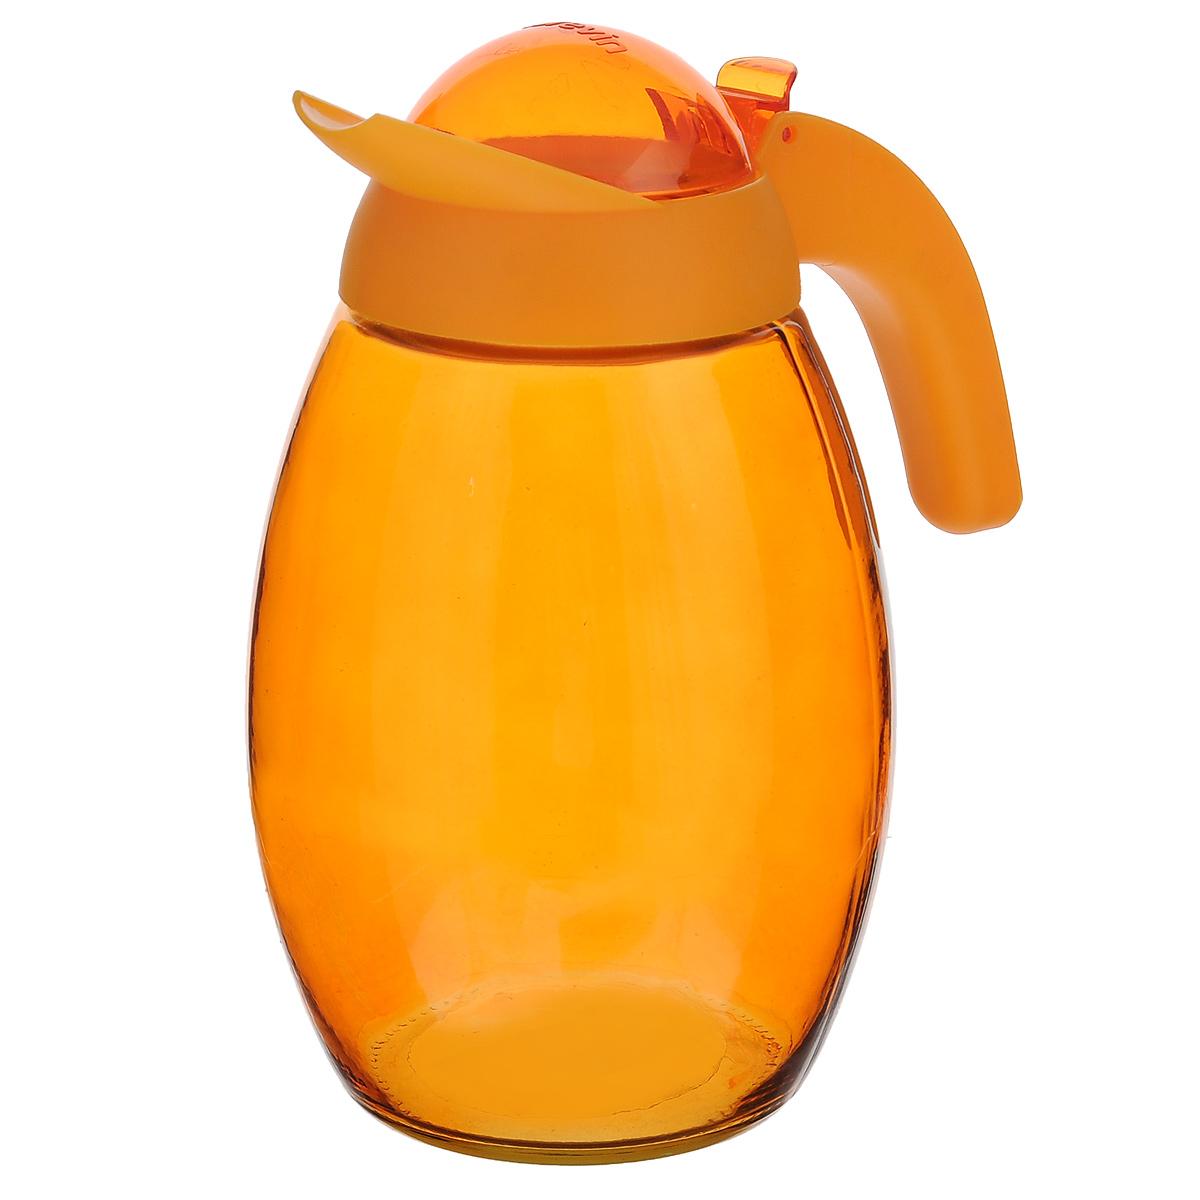 """Кувшин """"Herevin"""", выполненный из высококачественного прочного стекла, элегантно украсит ваш стол. Кувшин оснащен удобной ручкой и завинчивающейся пластиковой крышкой. Благодаря этому внутри сохраняется герметичность, и напитки дольше остаются свежими. Кувшин прост в использовании,  достаточно просто наклонить его и налить ваш любимый напиток. Цветная крышка оснащена откидным механизмом для более удобного заливания жидкостей. Изделие прекрасно подойдет для подачи воды, сока, компота и других напитков.  Кувшин """"Herevin"""" дополнит интерьер вашей кухни и станет замечательным подарком к любому празднику. Диаметр (по верхнему краю): 6 см. Высота кувшина (без учета крышки): 18,5 см."""